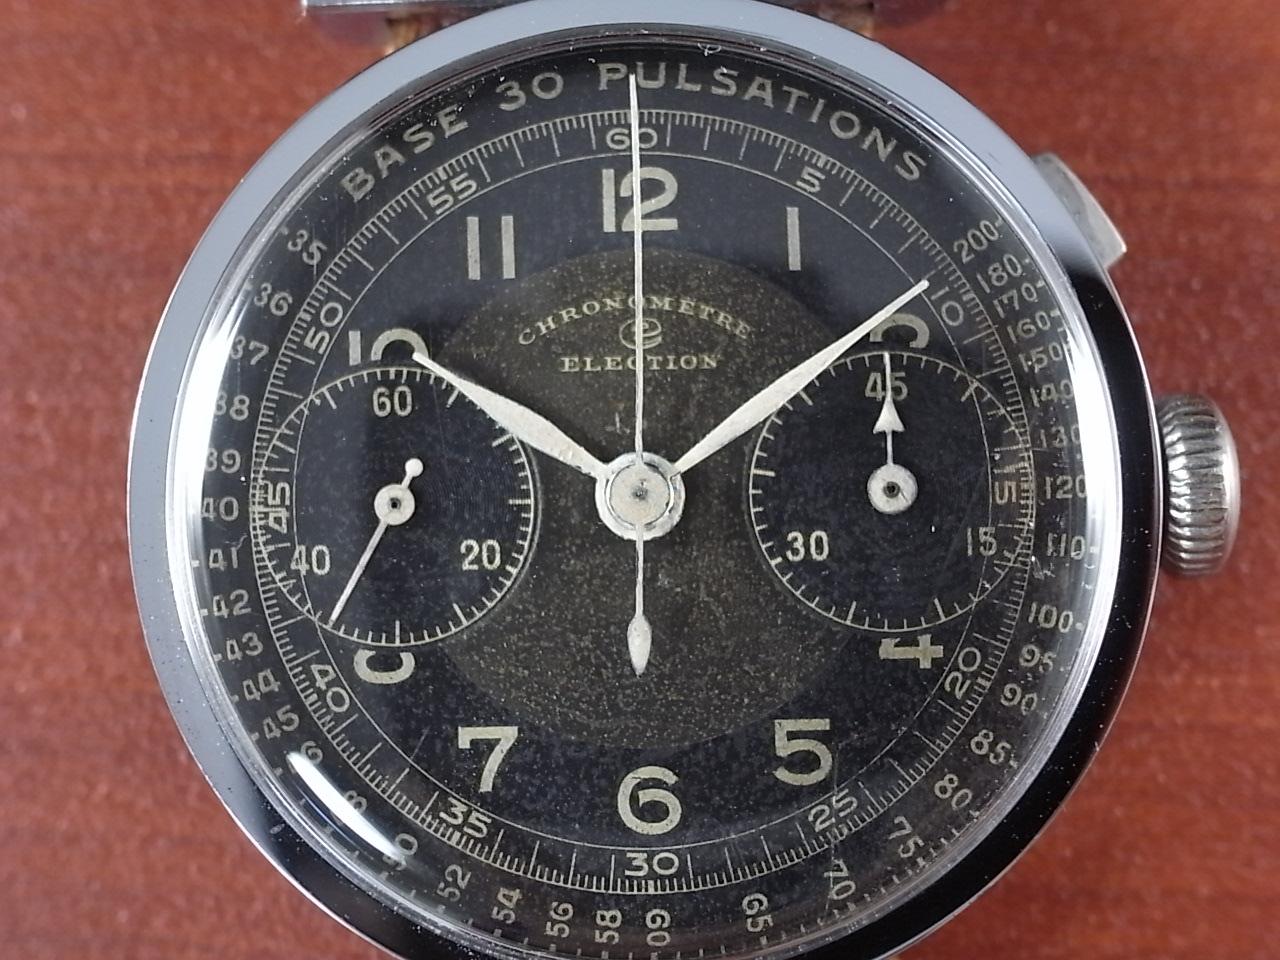 エレクション クロノグラフ シリンダーケース バルジュー22の写真2枚目